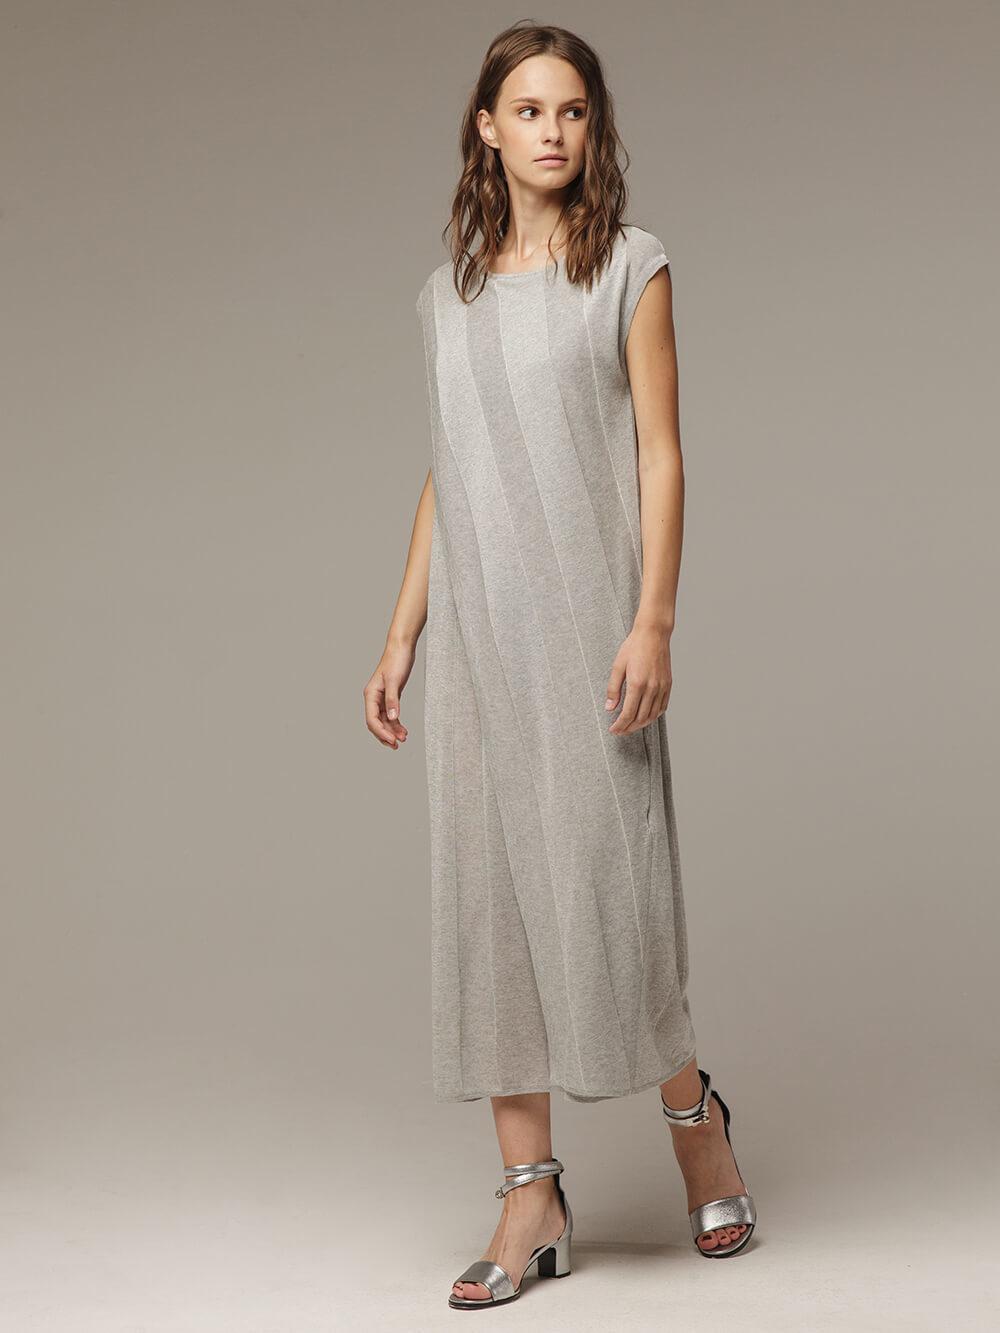 Женское платье миди серого цвета - фото 1